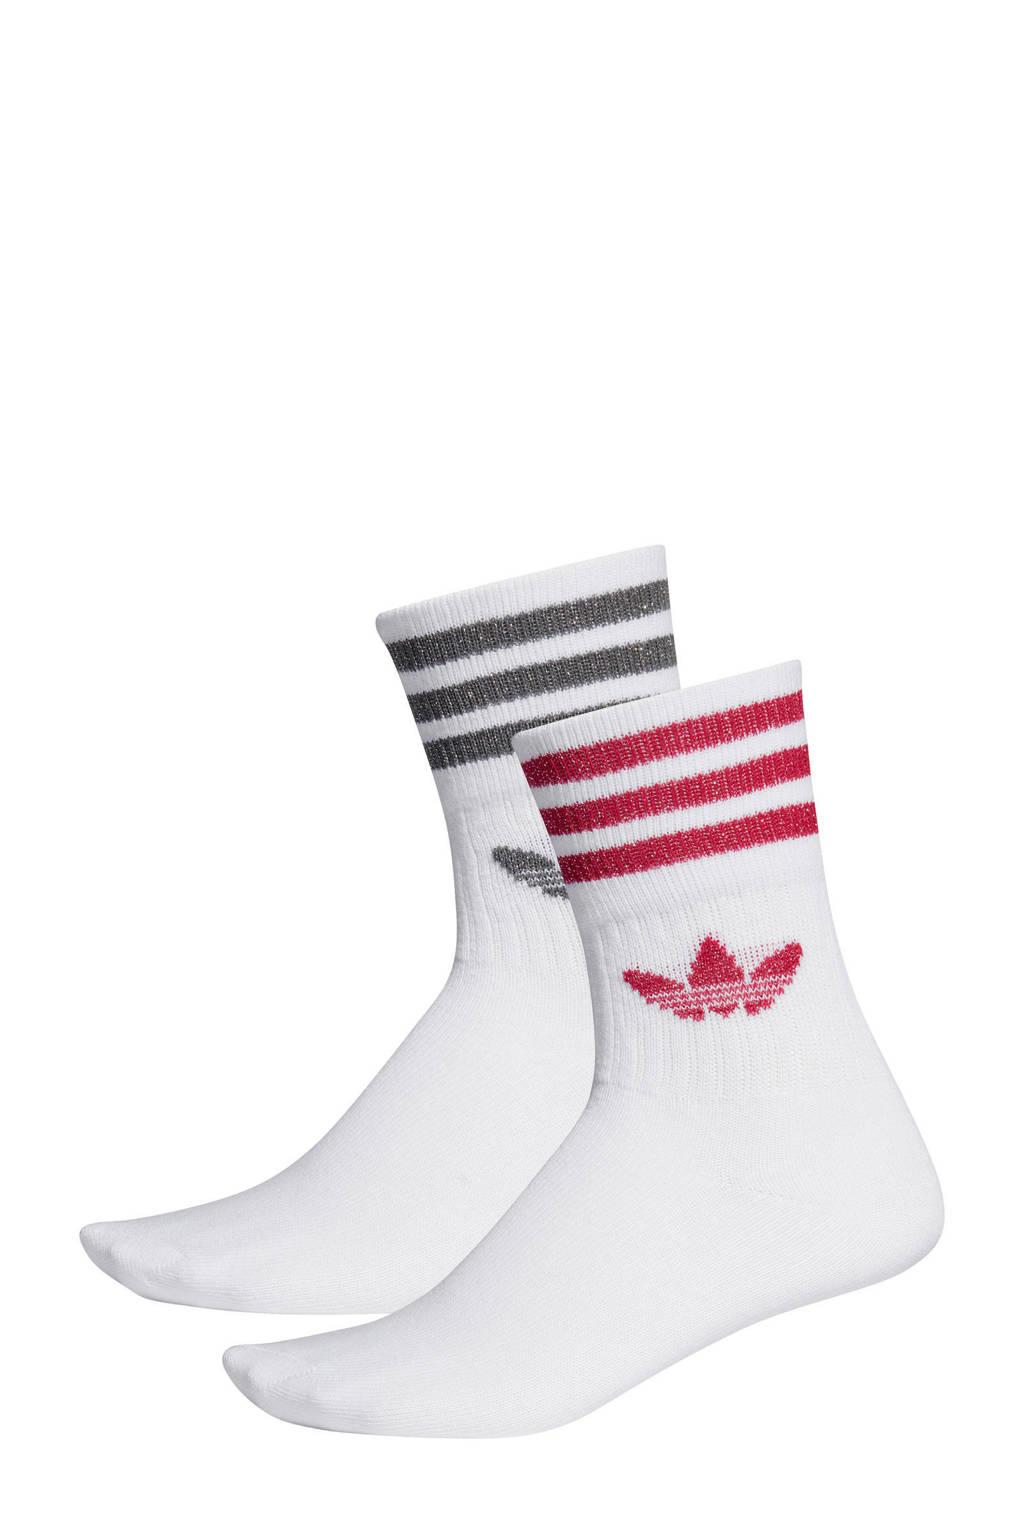 adidas originals sokken (set van 2) roze/grijs, Wit/roze/grijs